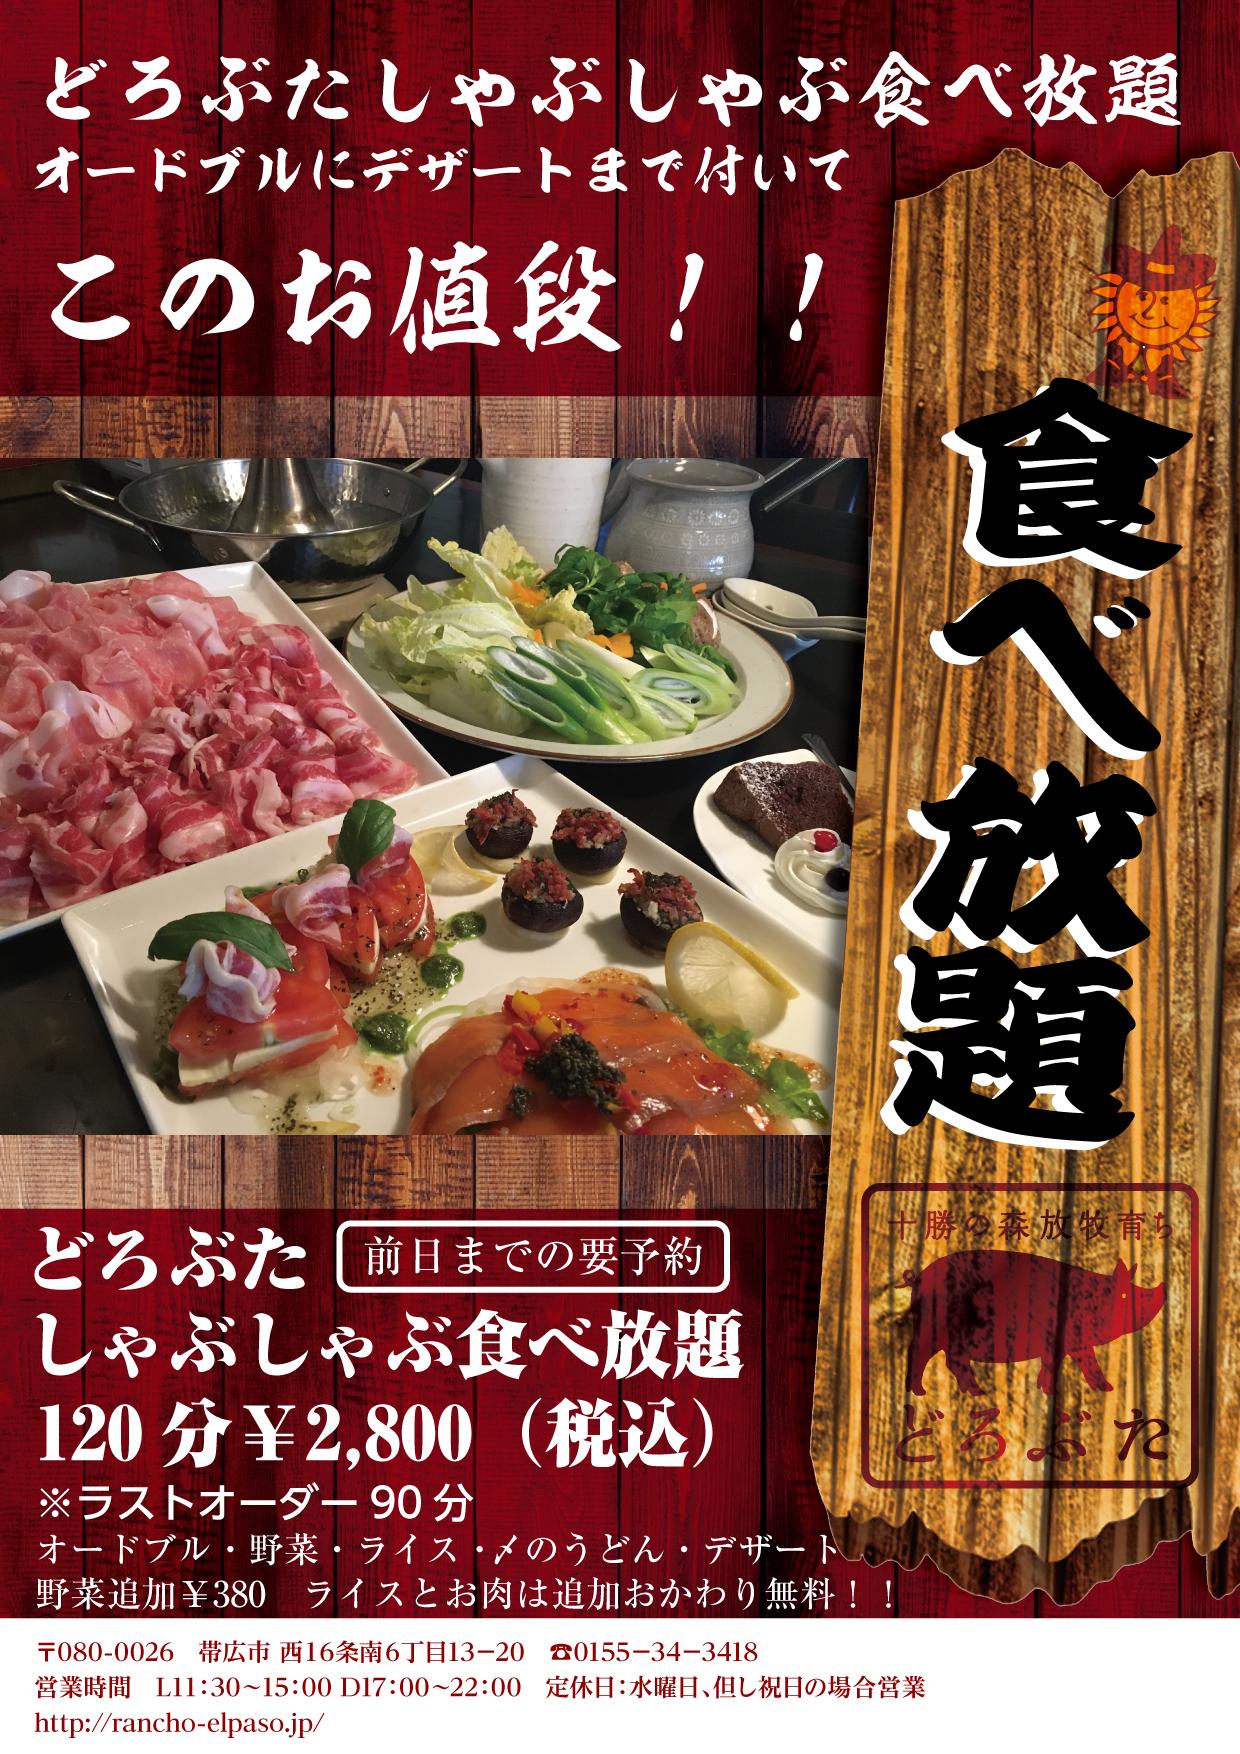 しゃぶしゃぶ食べ放題コース-01